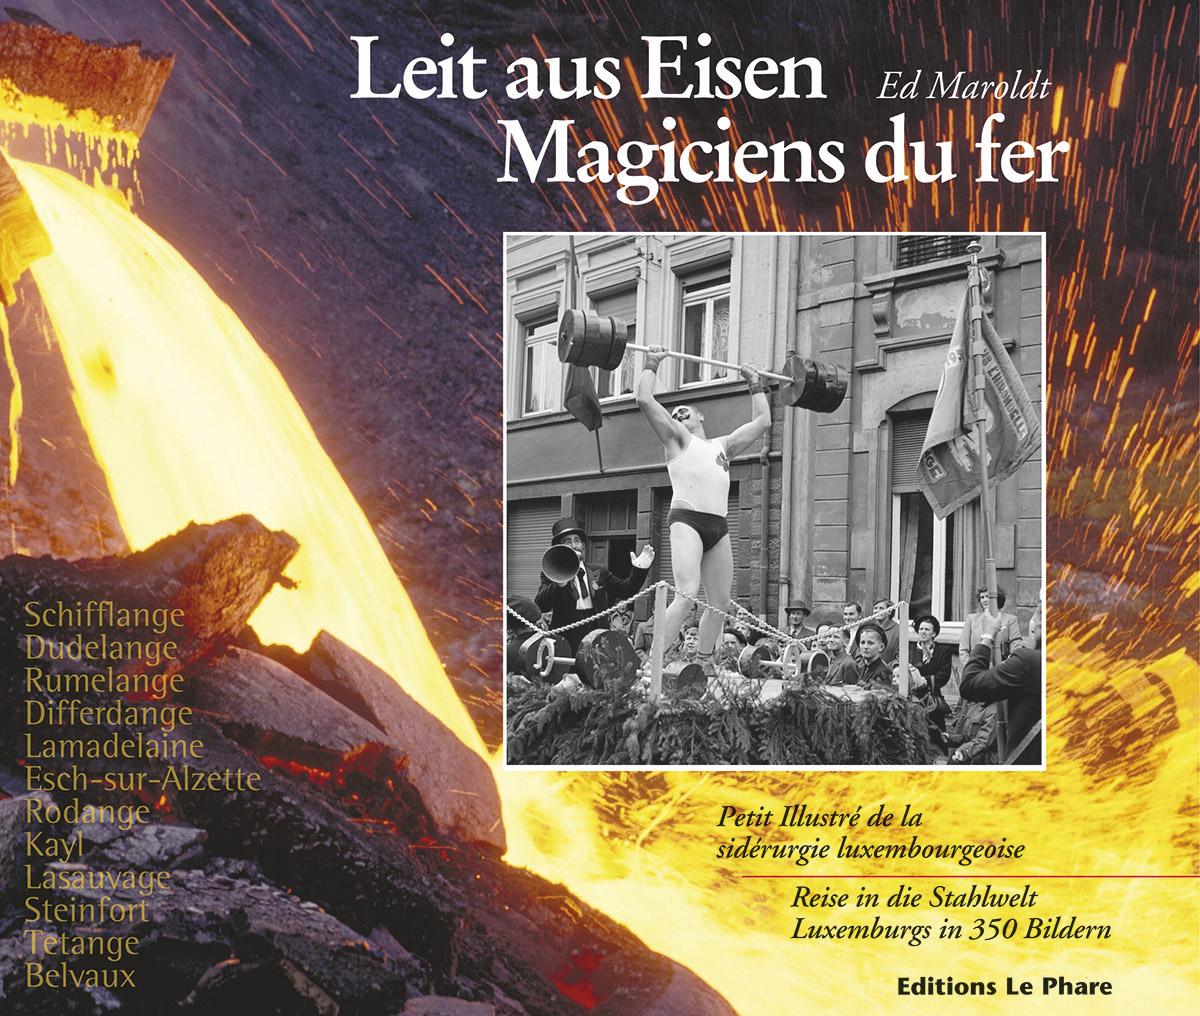 Livre Leit aus Eisen 2005 Text Ed Marold